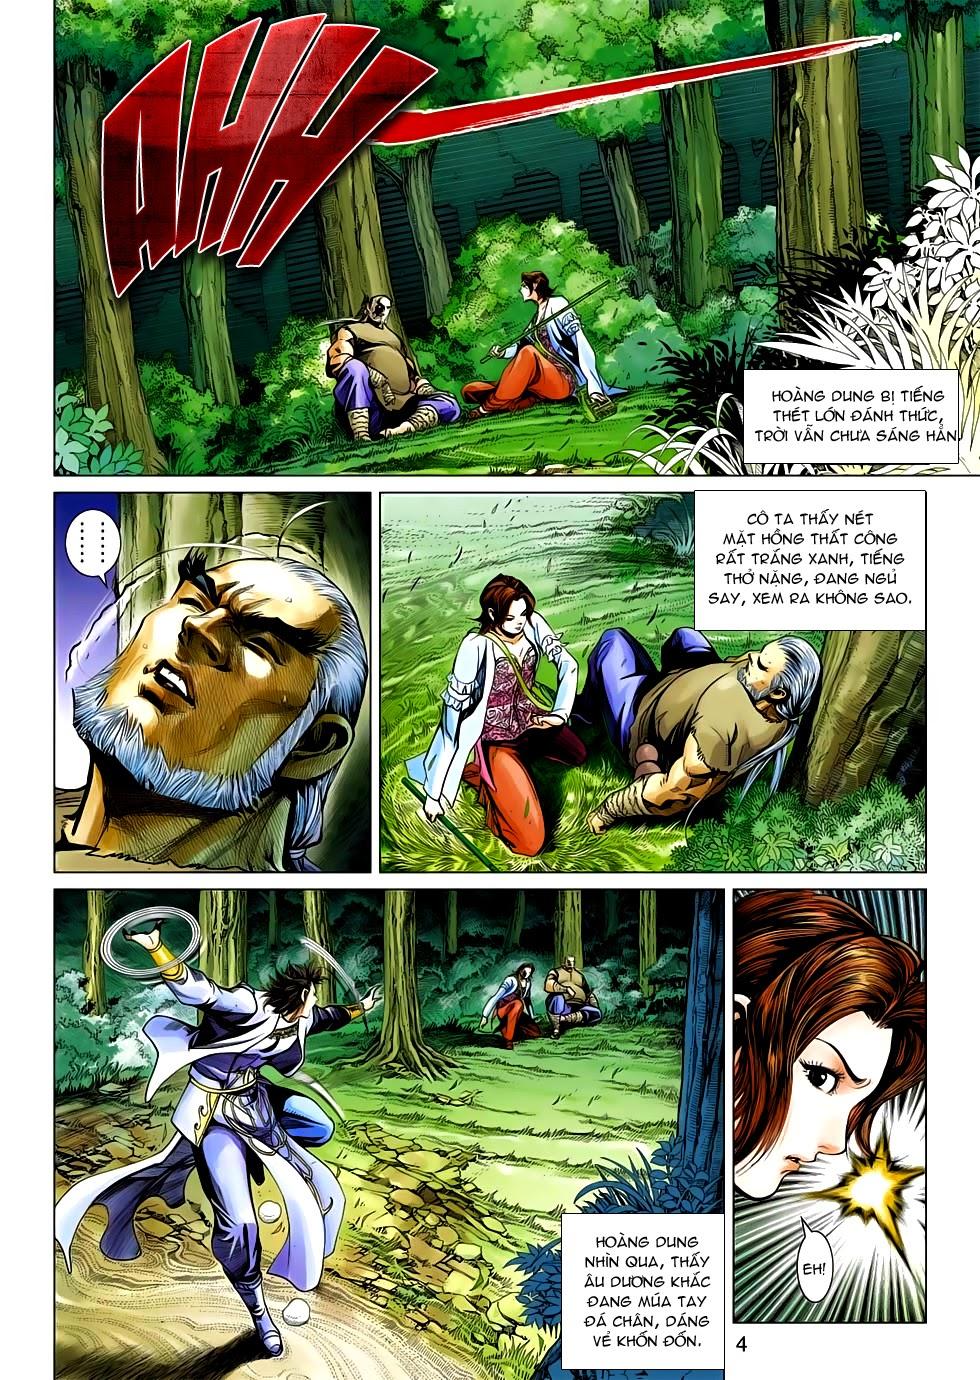 Anh Hùng Xạ Điêu anh hùng xạ đêu chap 54: kiếp hậu dư sinh thiến nữ kỳ mưu trang 4